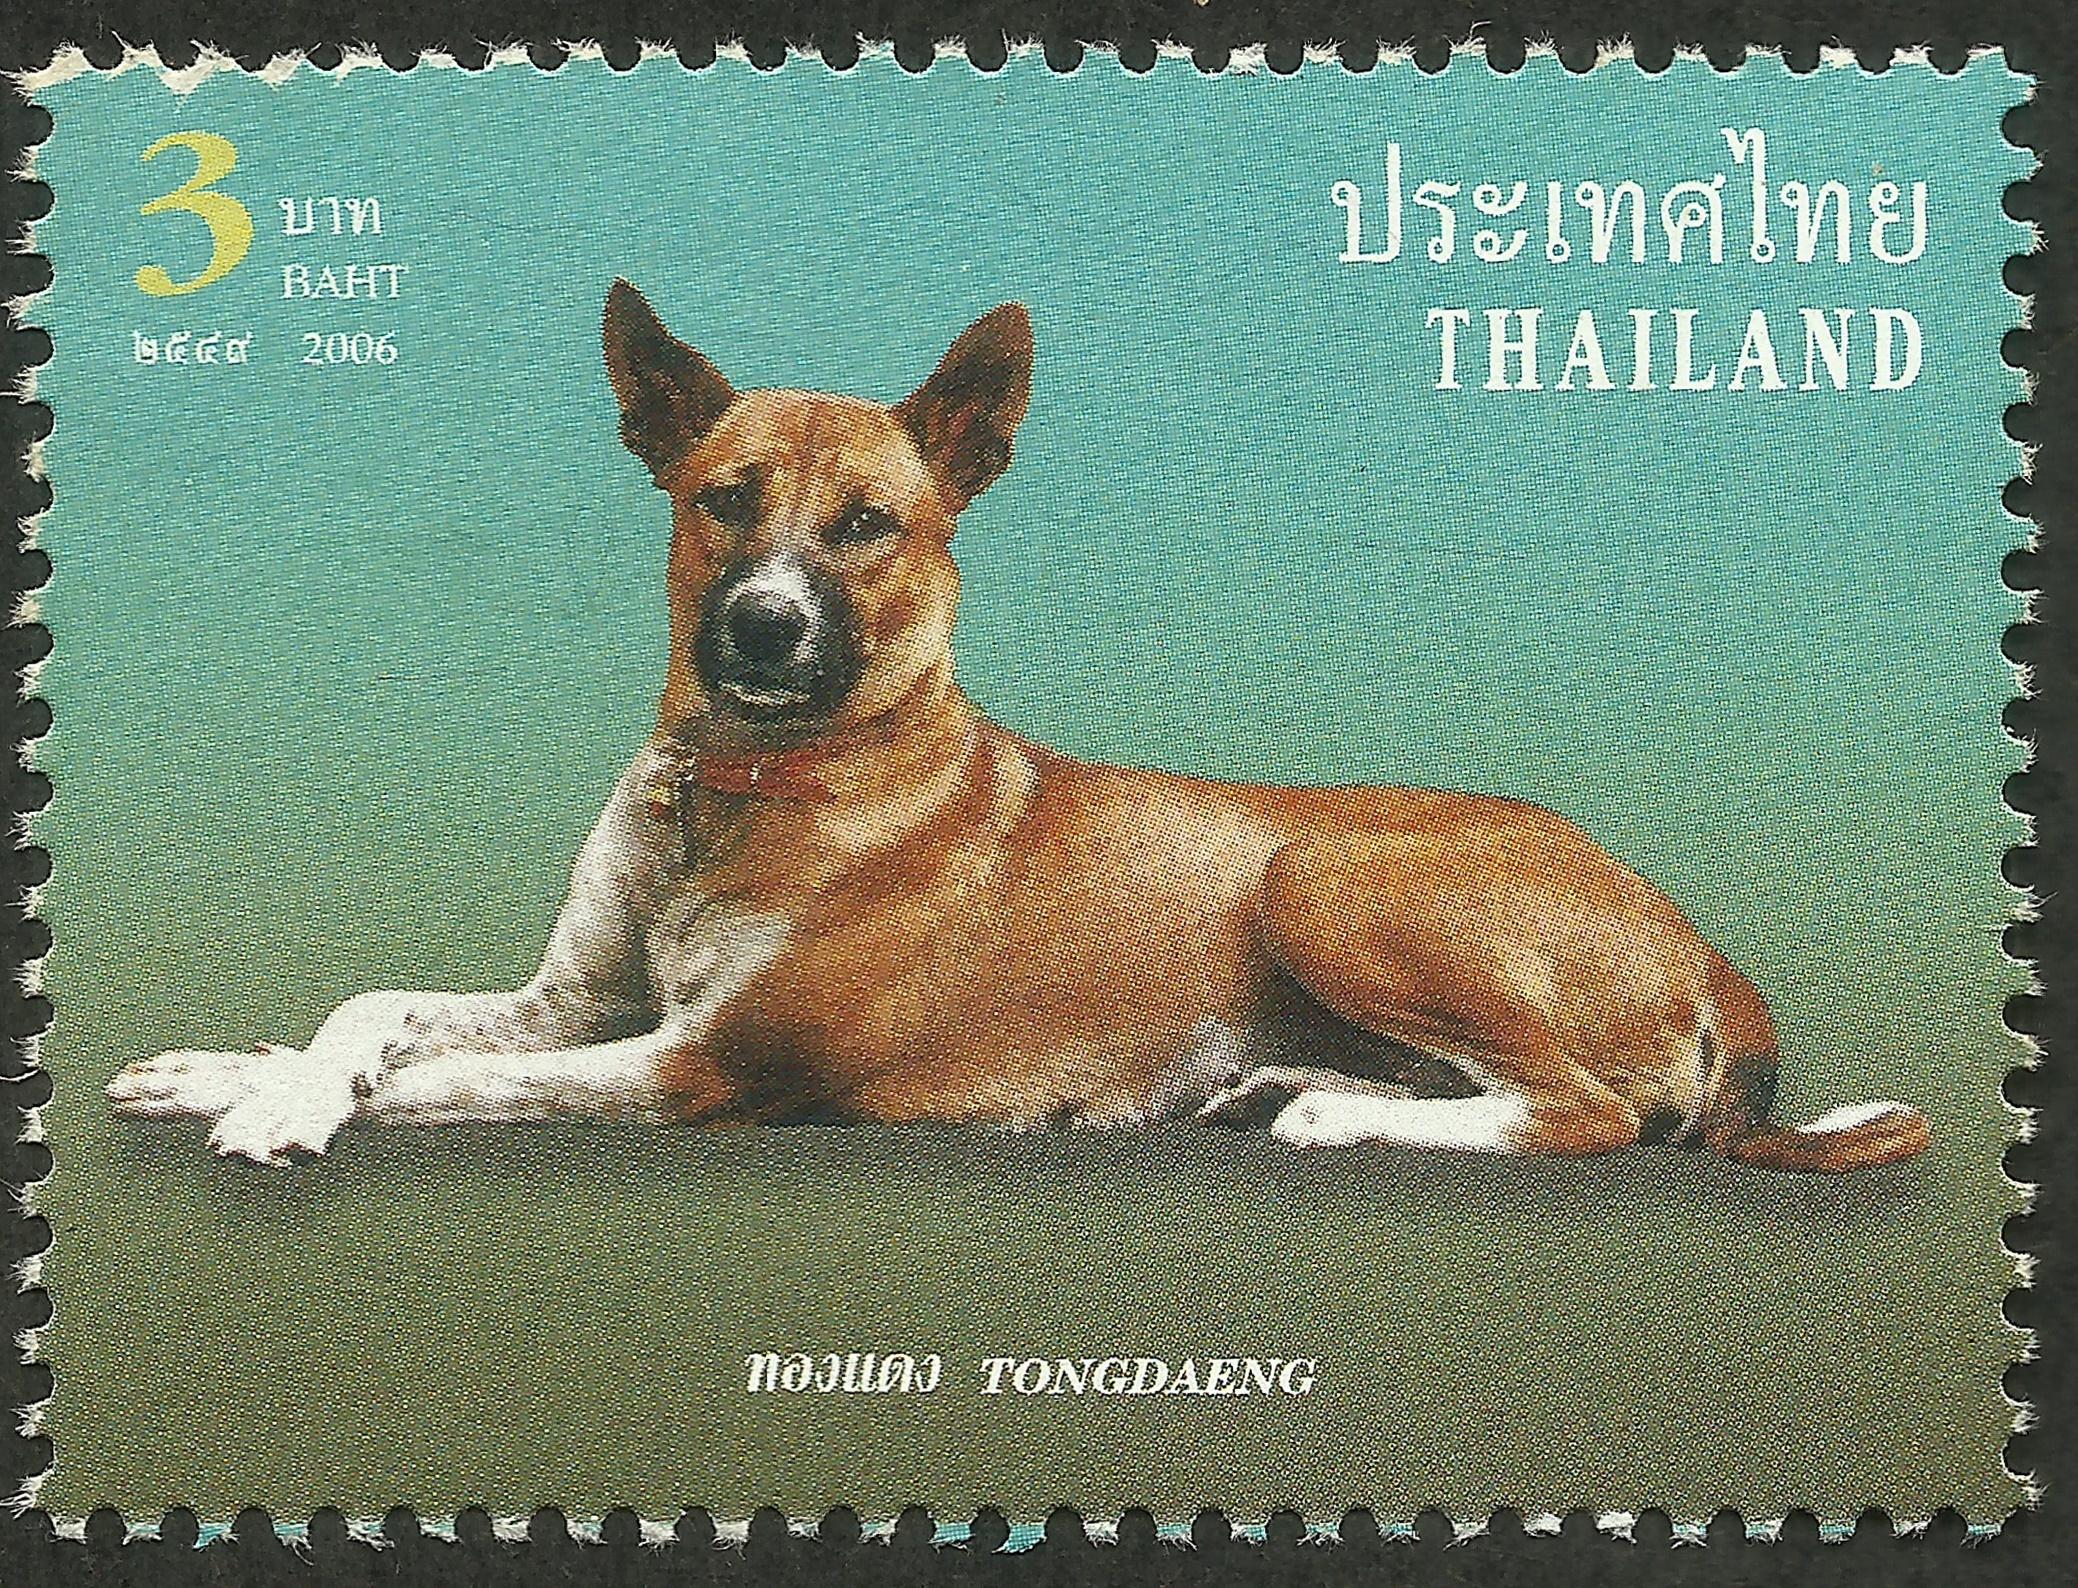 Thailand - Scott #2245 (2006)